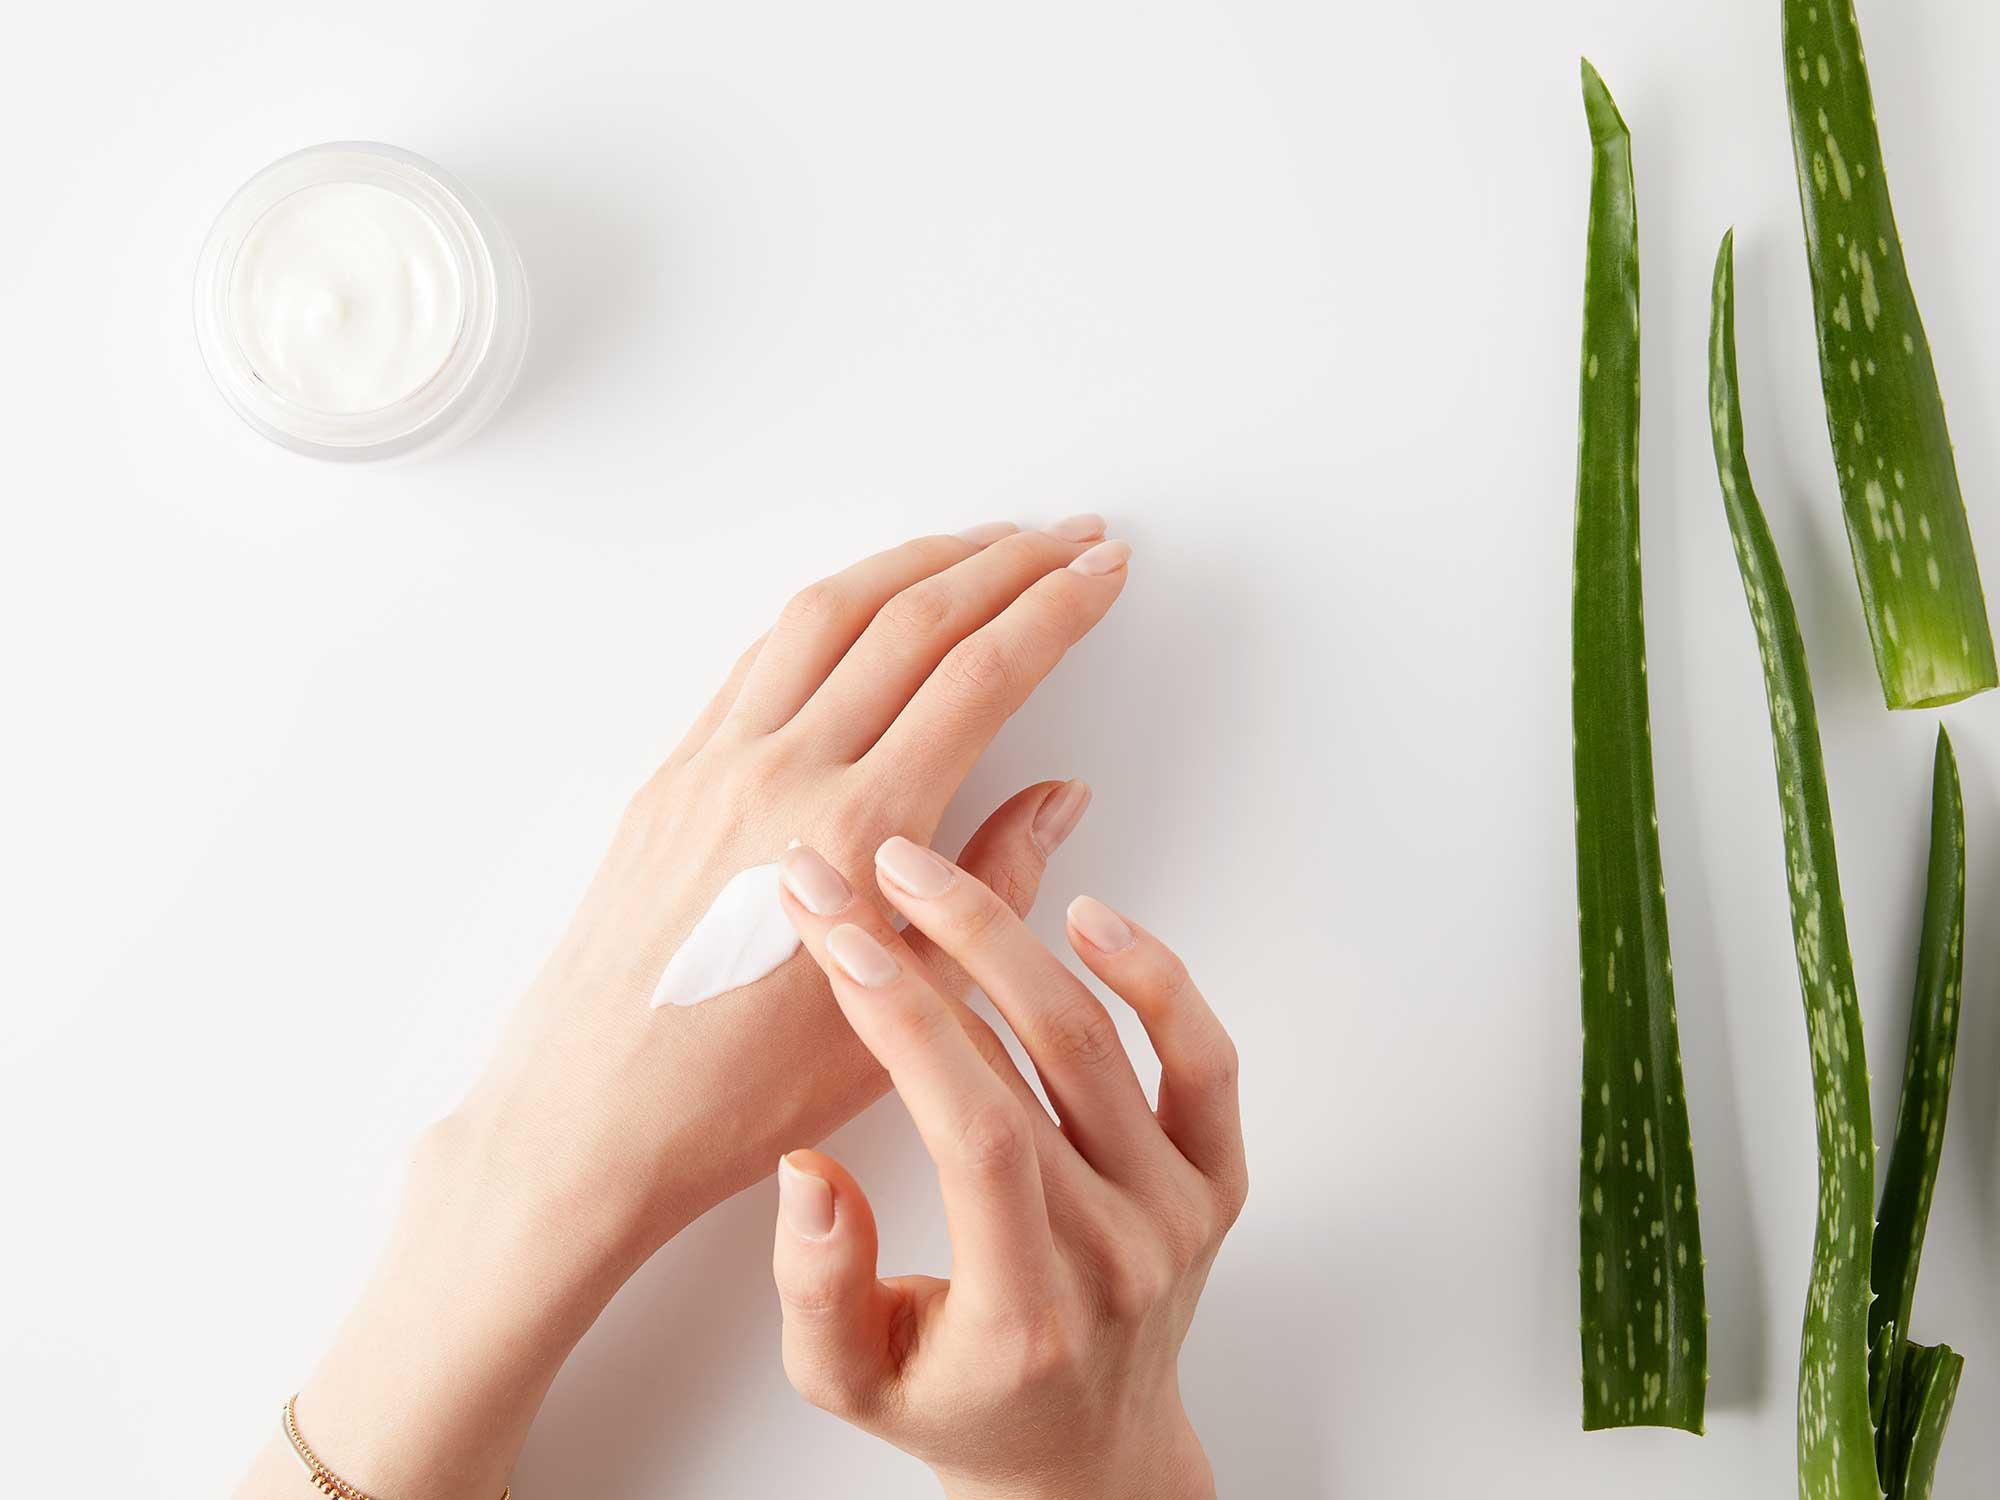 Jak zadbać o skórę dłoni poddawanej częstej dezynfekcji?